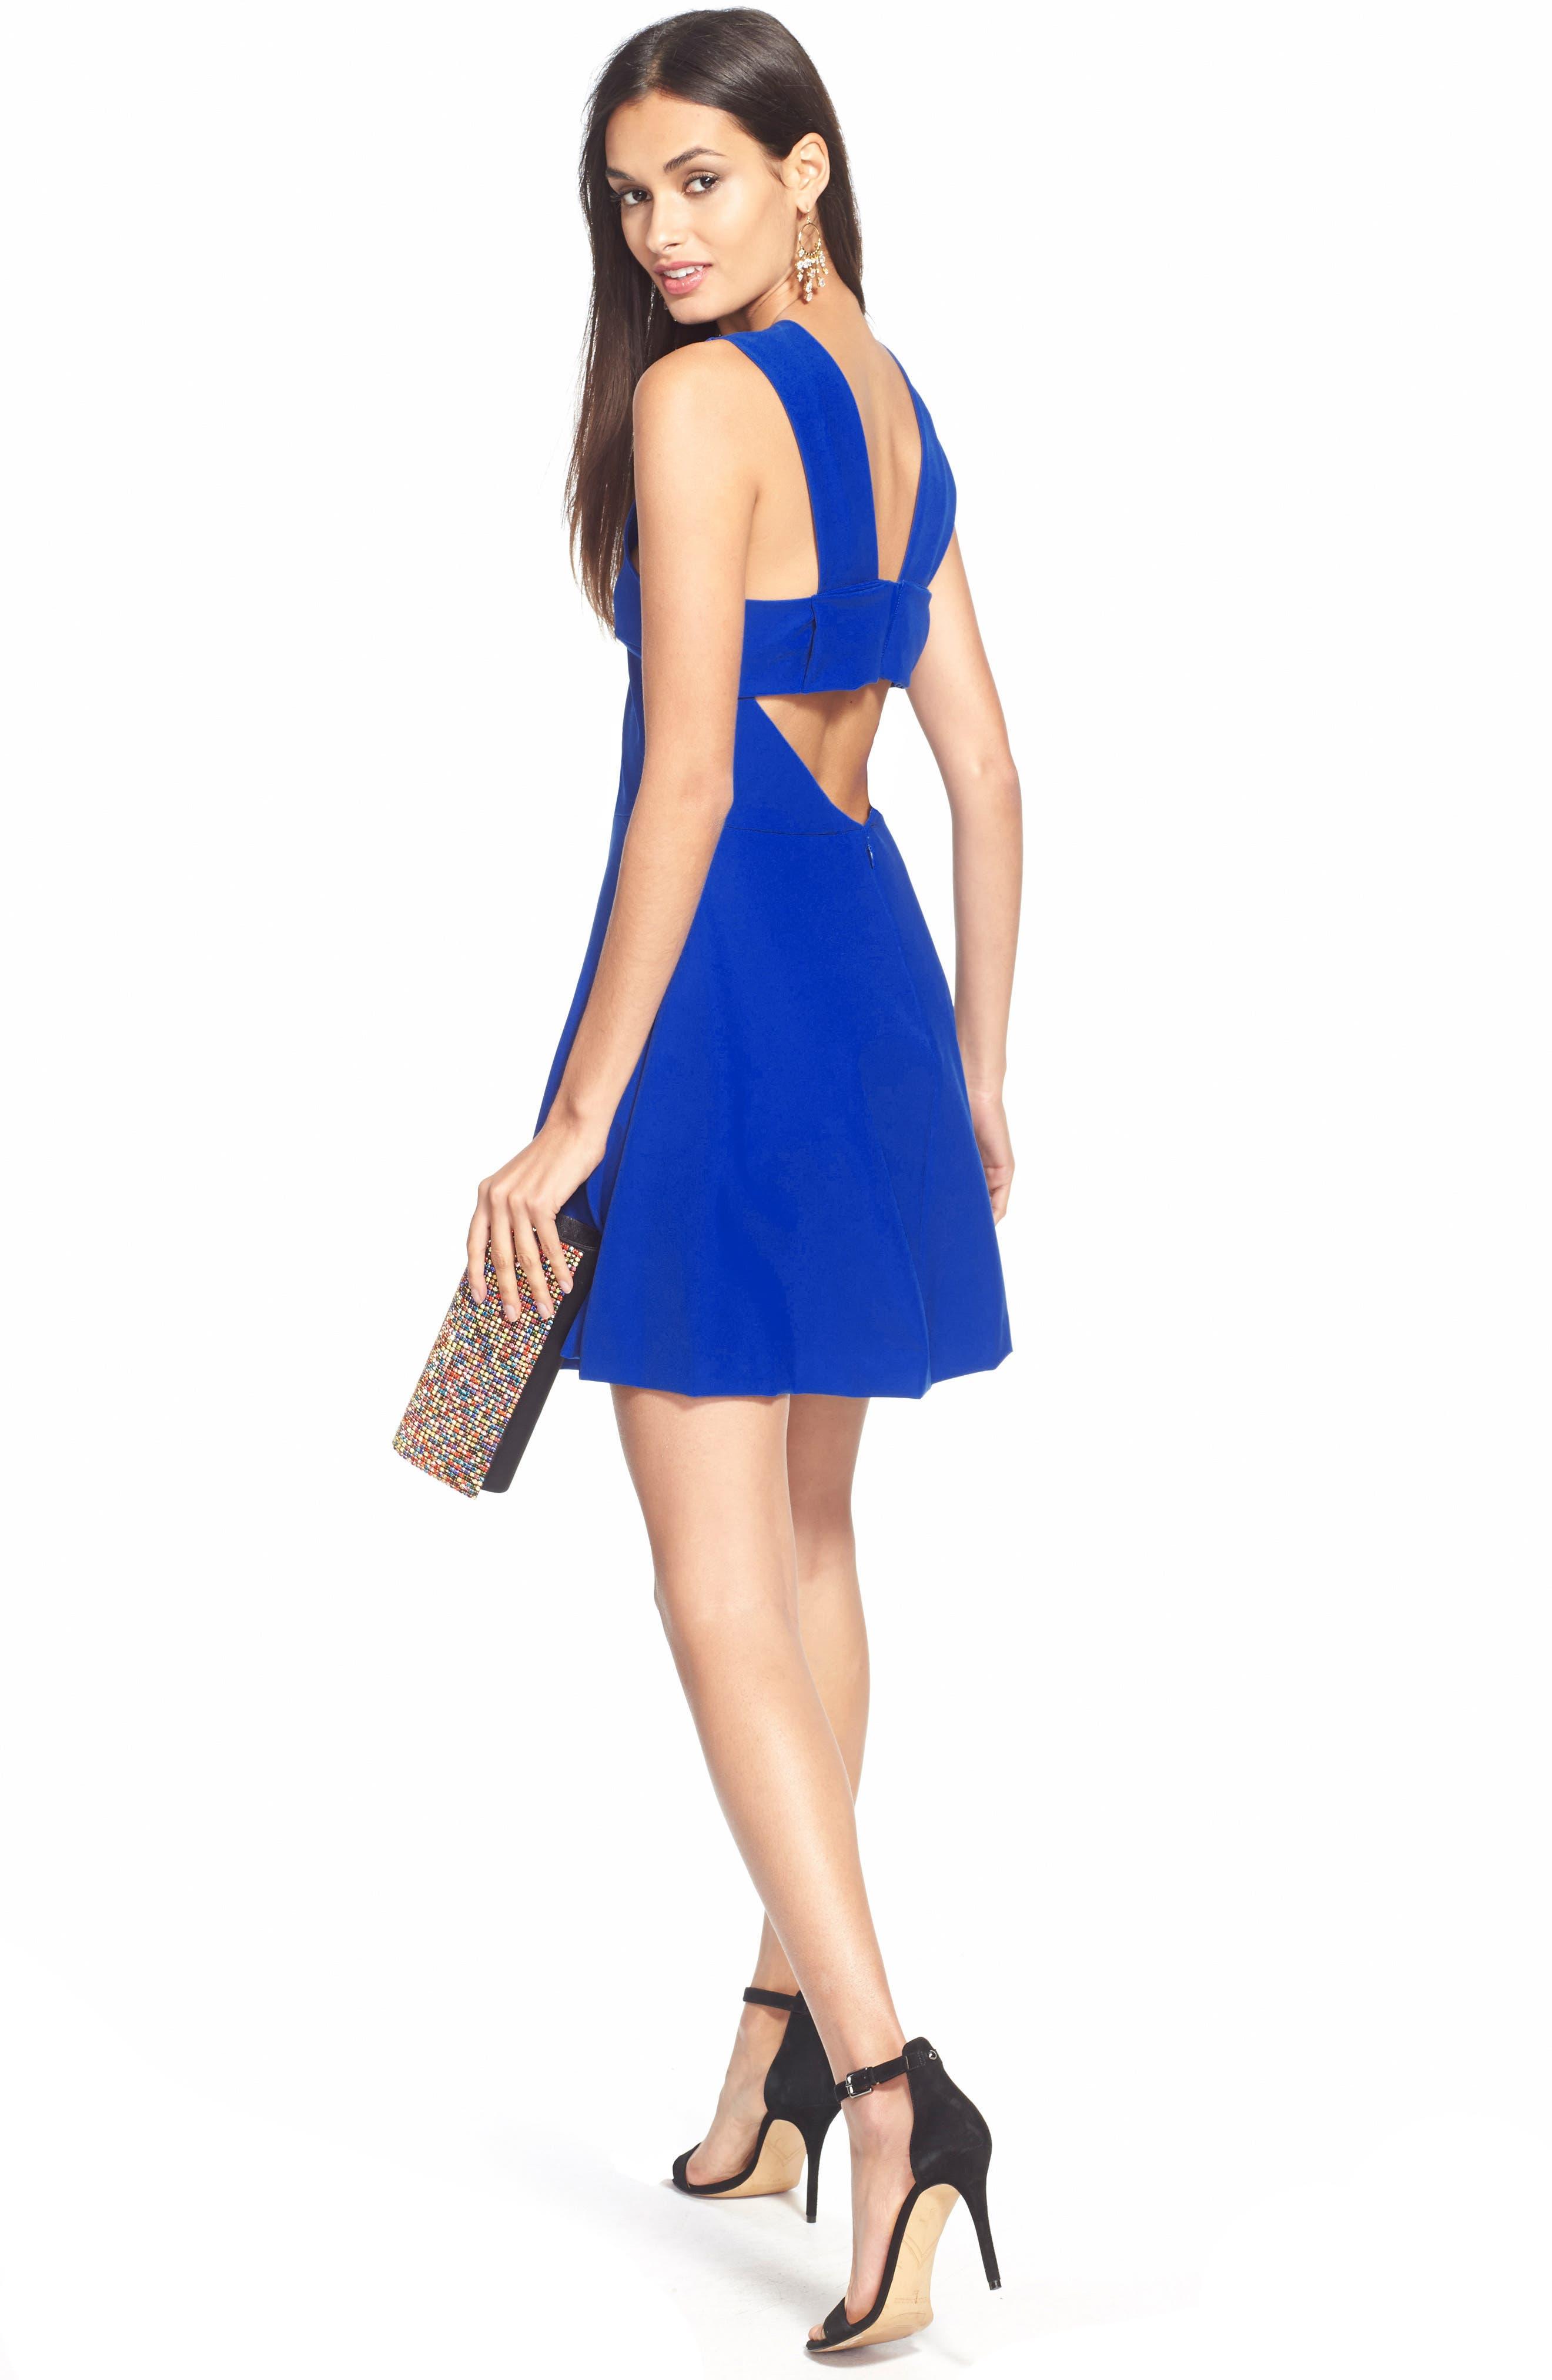 Bianca Back Cutout Fit & Flare Dress,                             Alternate thumbnail 12, color,                             COBALT